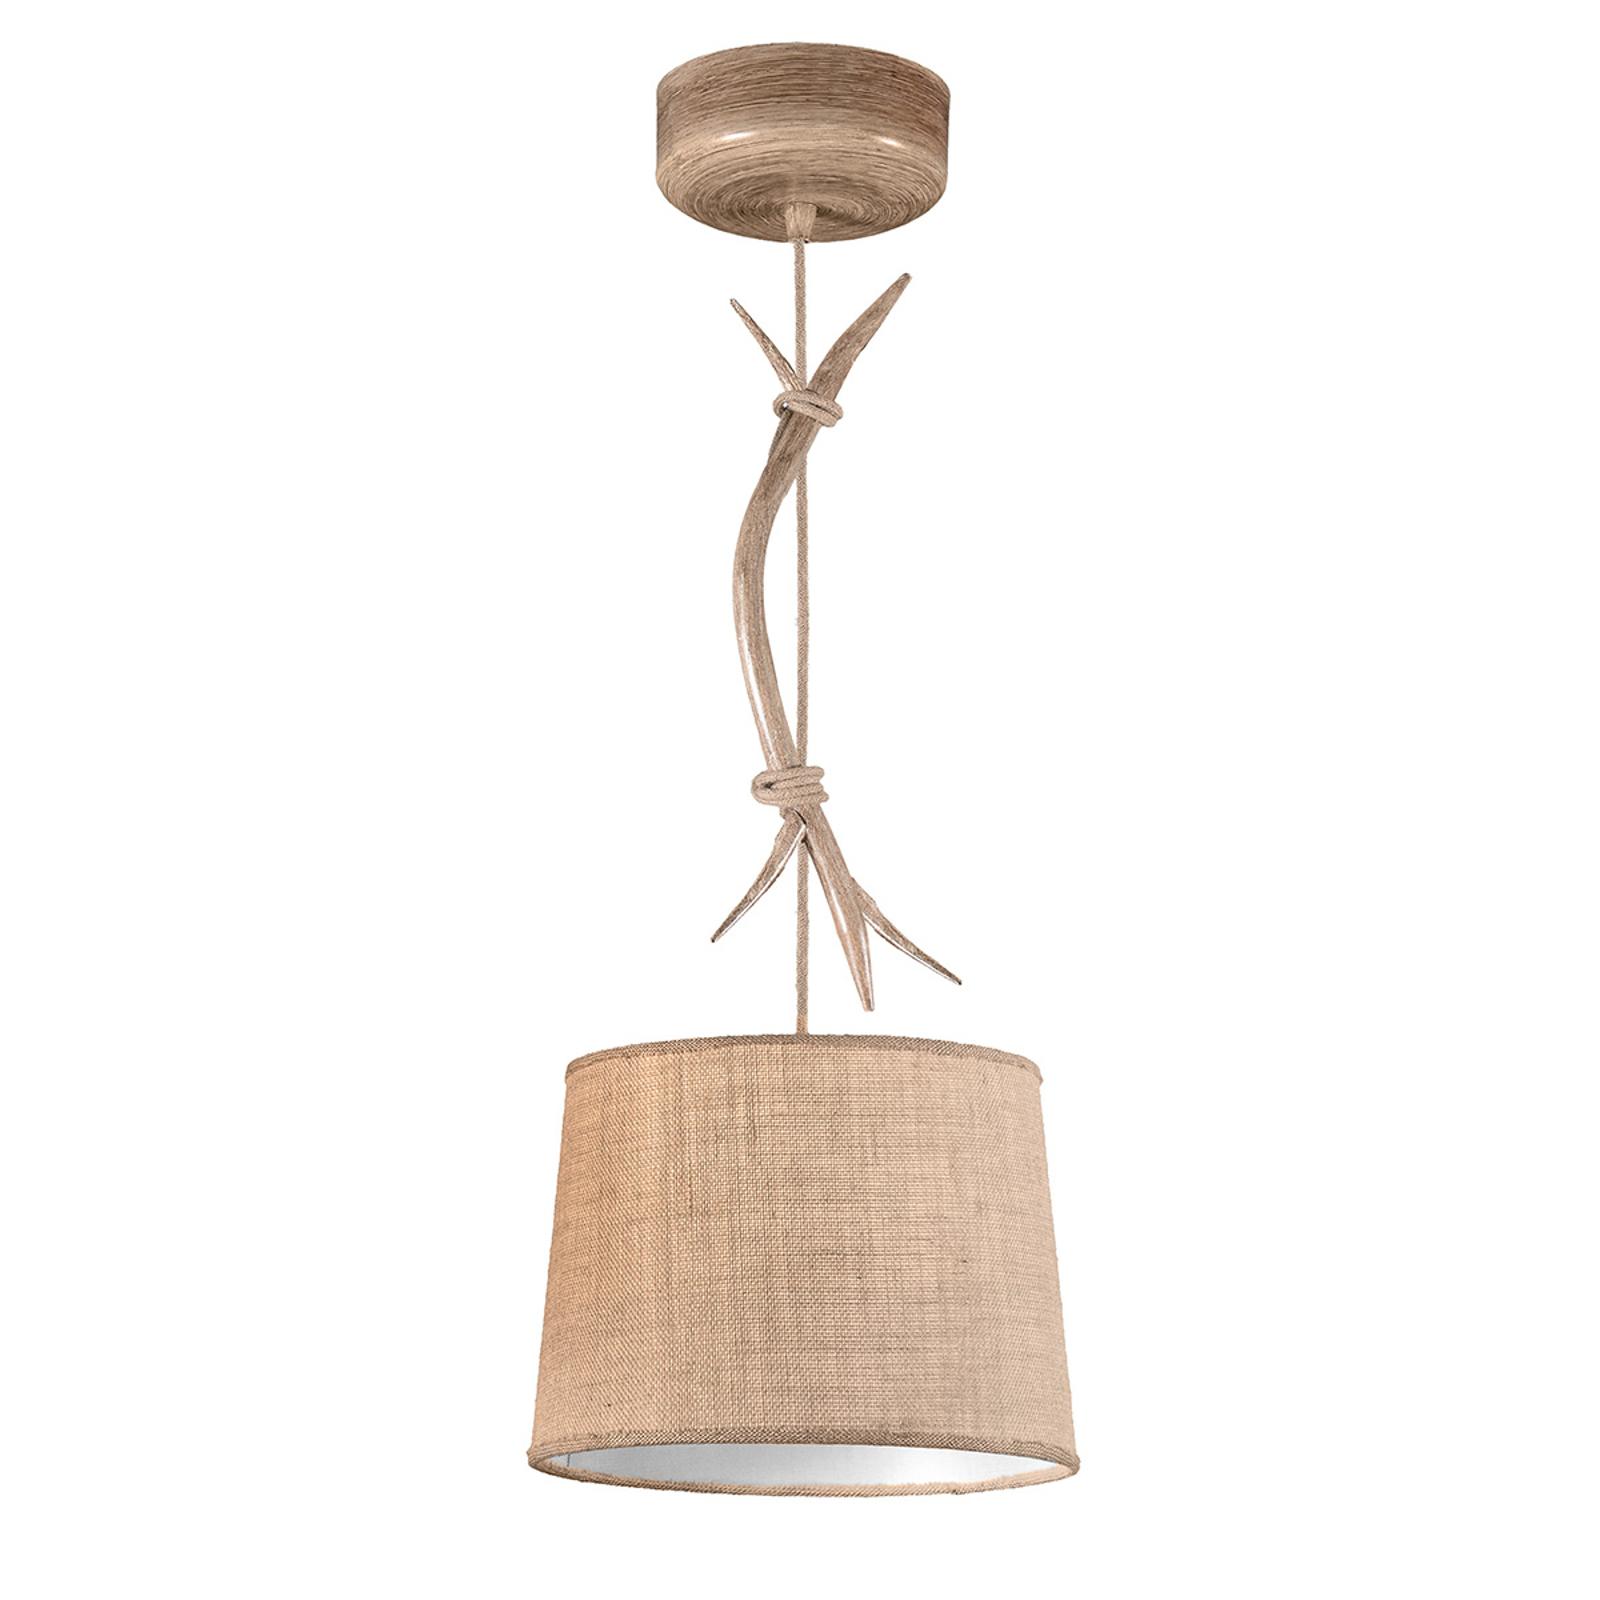 Suspension Sabina abat-jour tissu, 1 lampe, 30cm